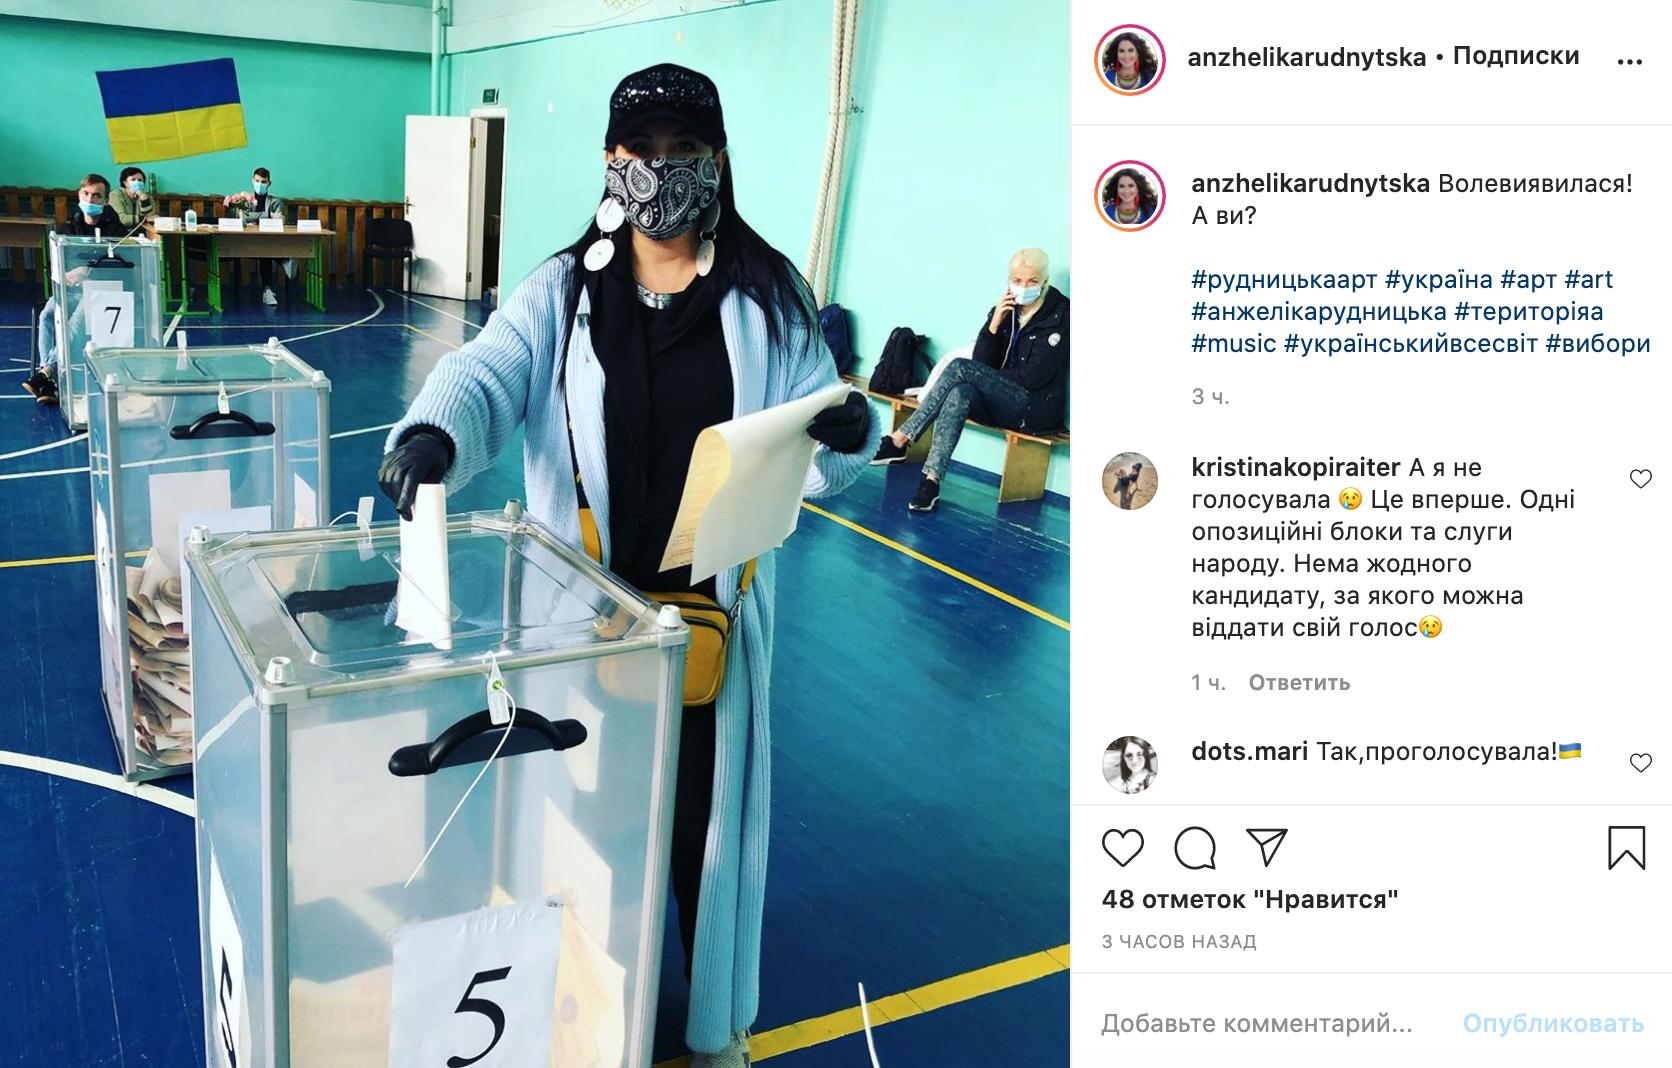 Анжелика Рудницкая на избирательном участке